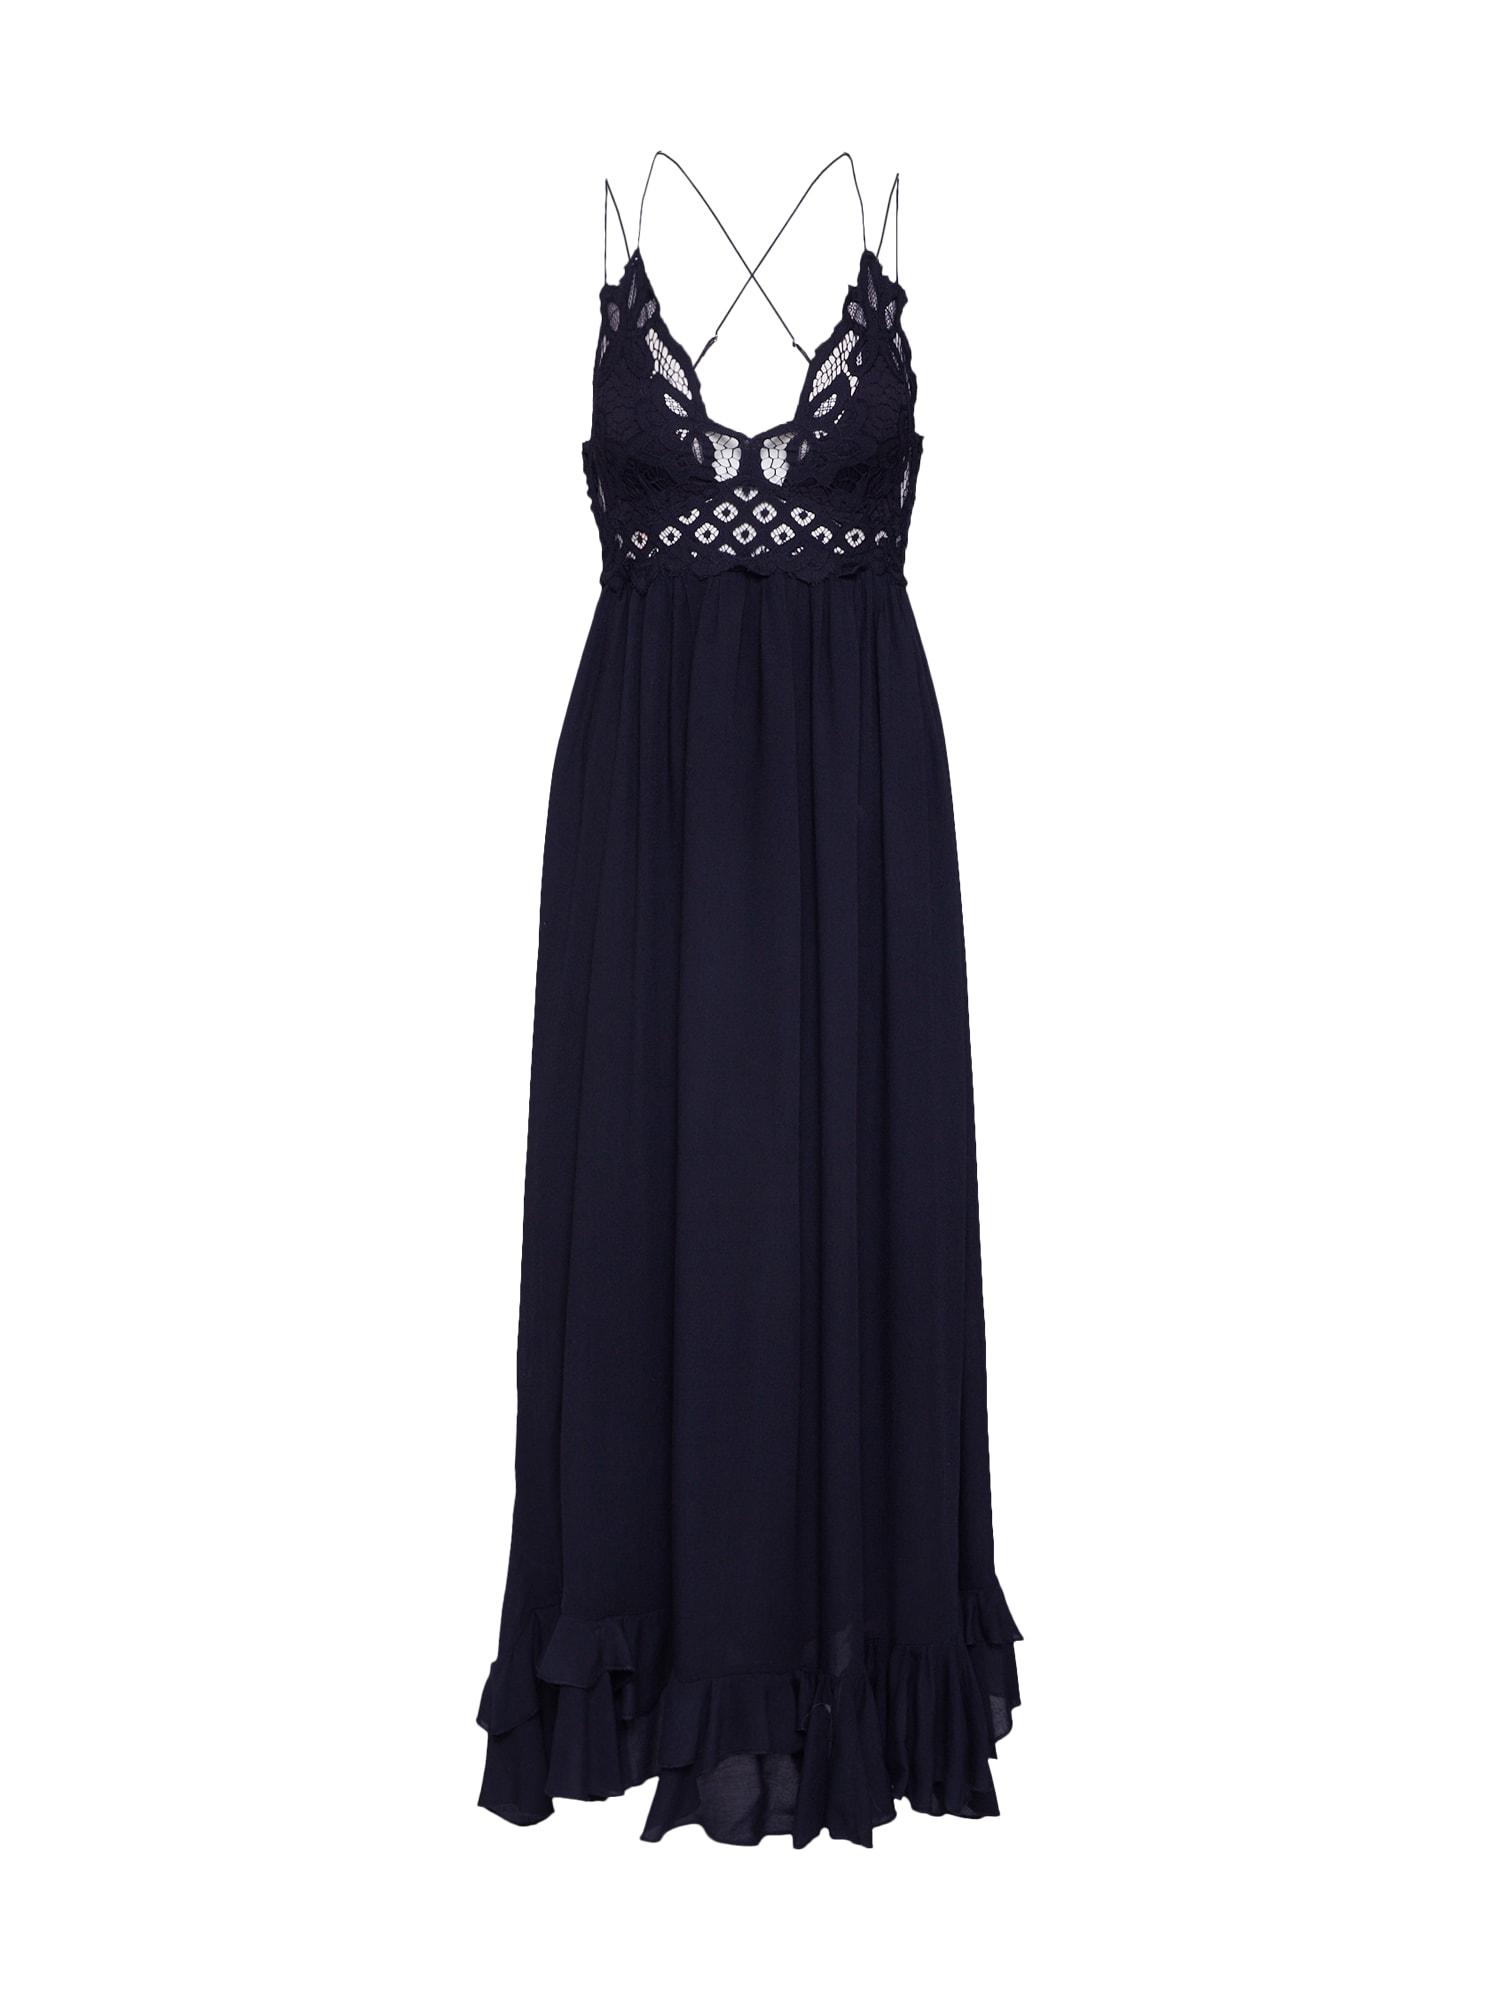 Free People Vakarinė suknelė 'ADELLA MAXI SLIP' juoda